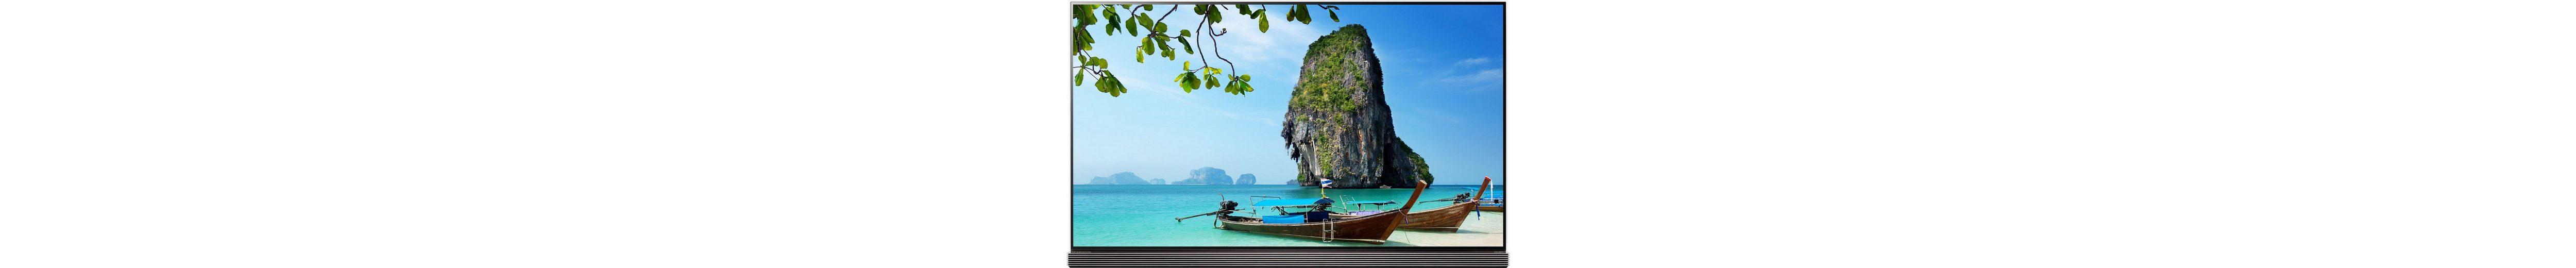 LG OLED 65G6V, OLED Fernseher, 164 cm (65 Zoll), 2160p (4K Ultra HD), Smart-TV